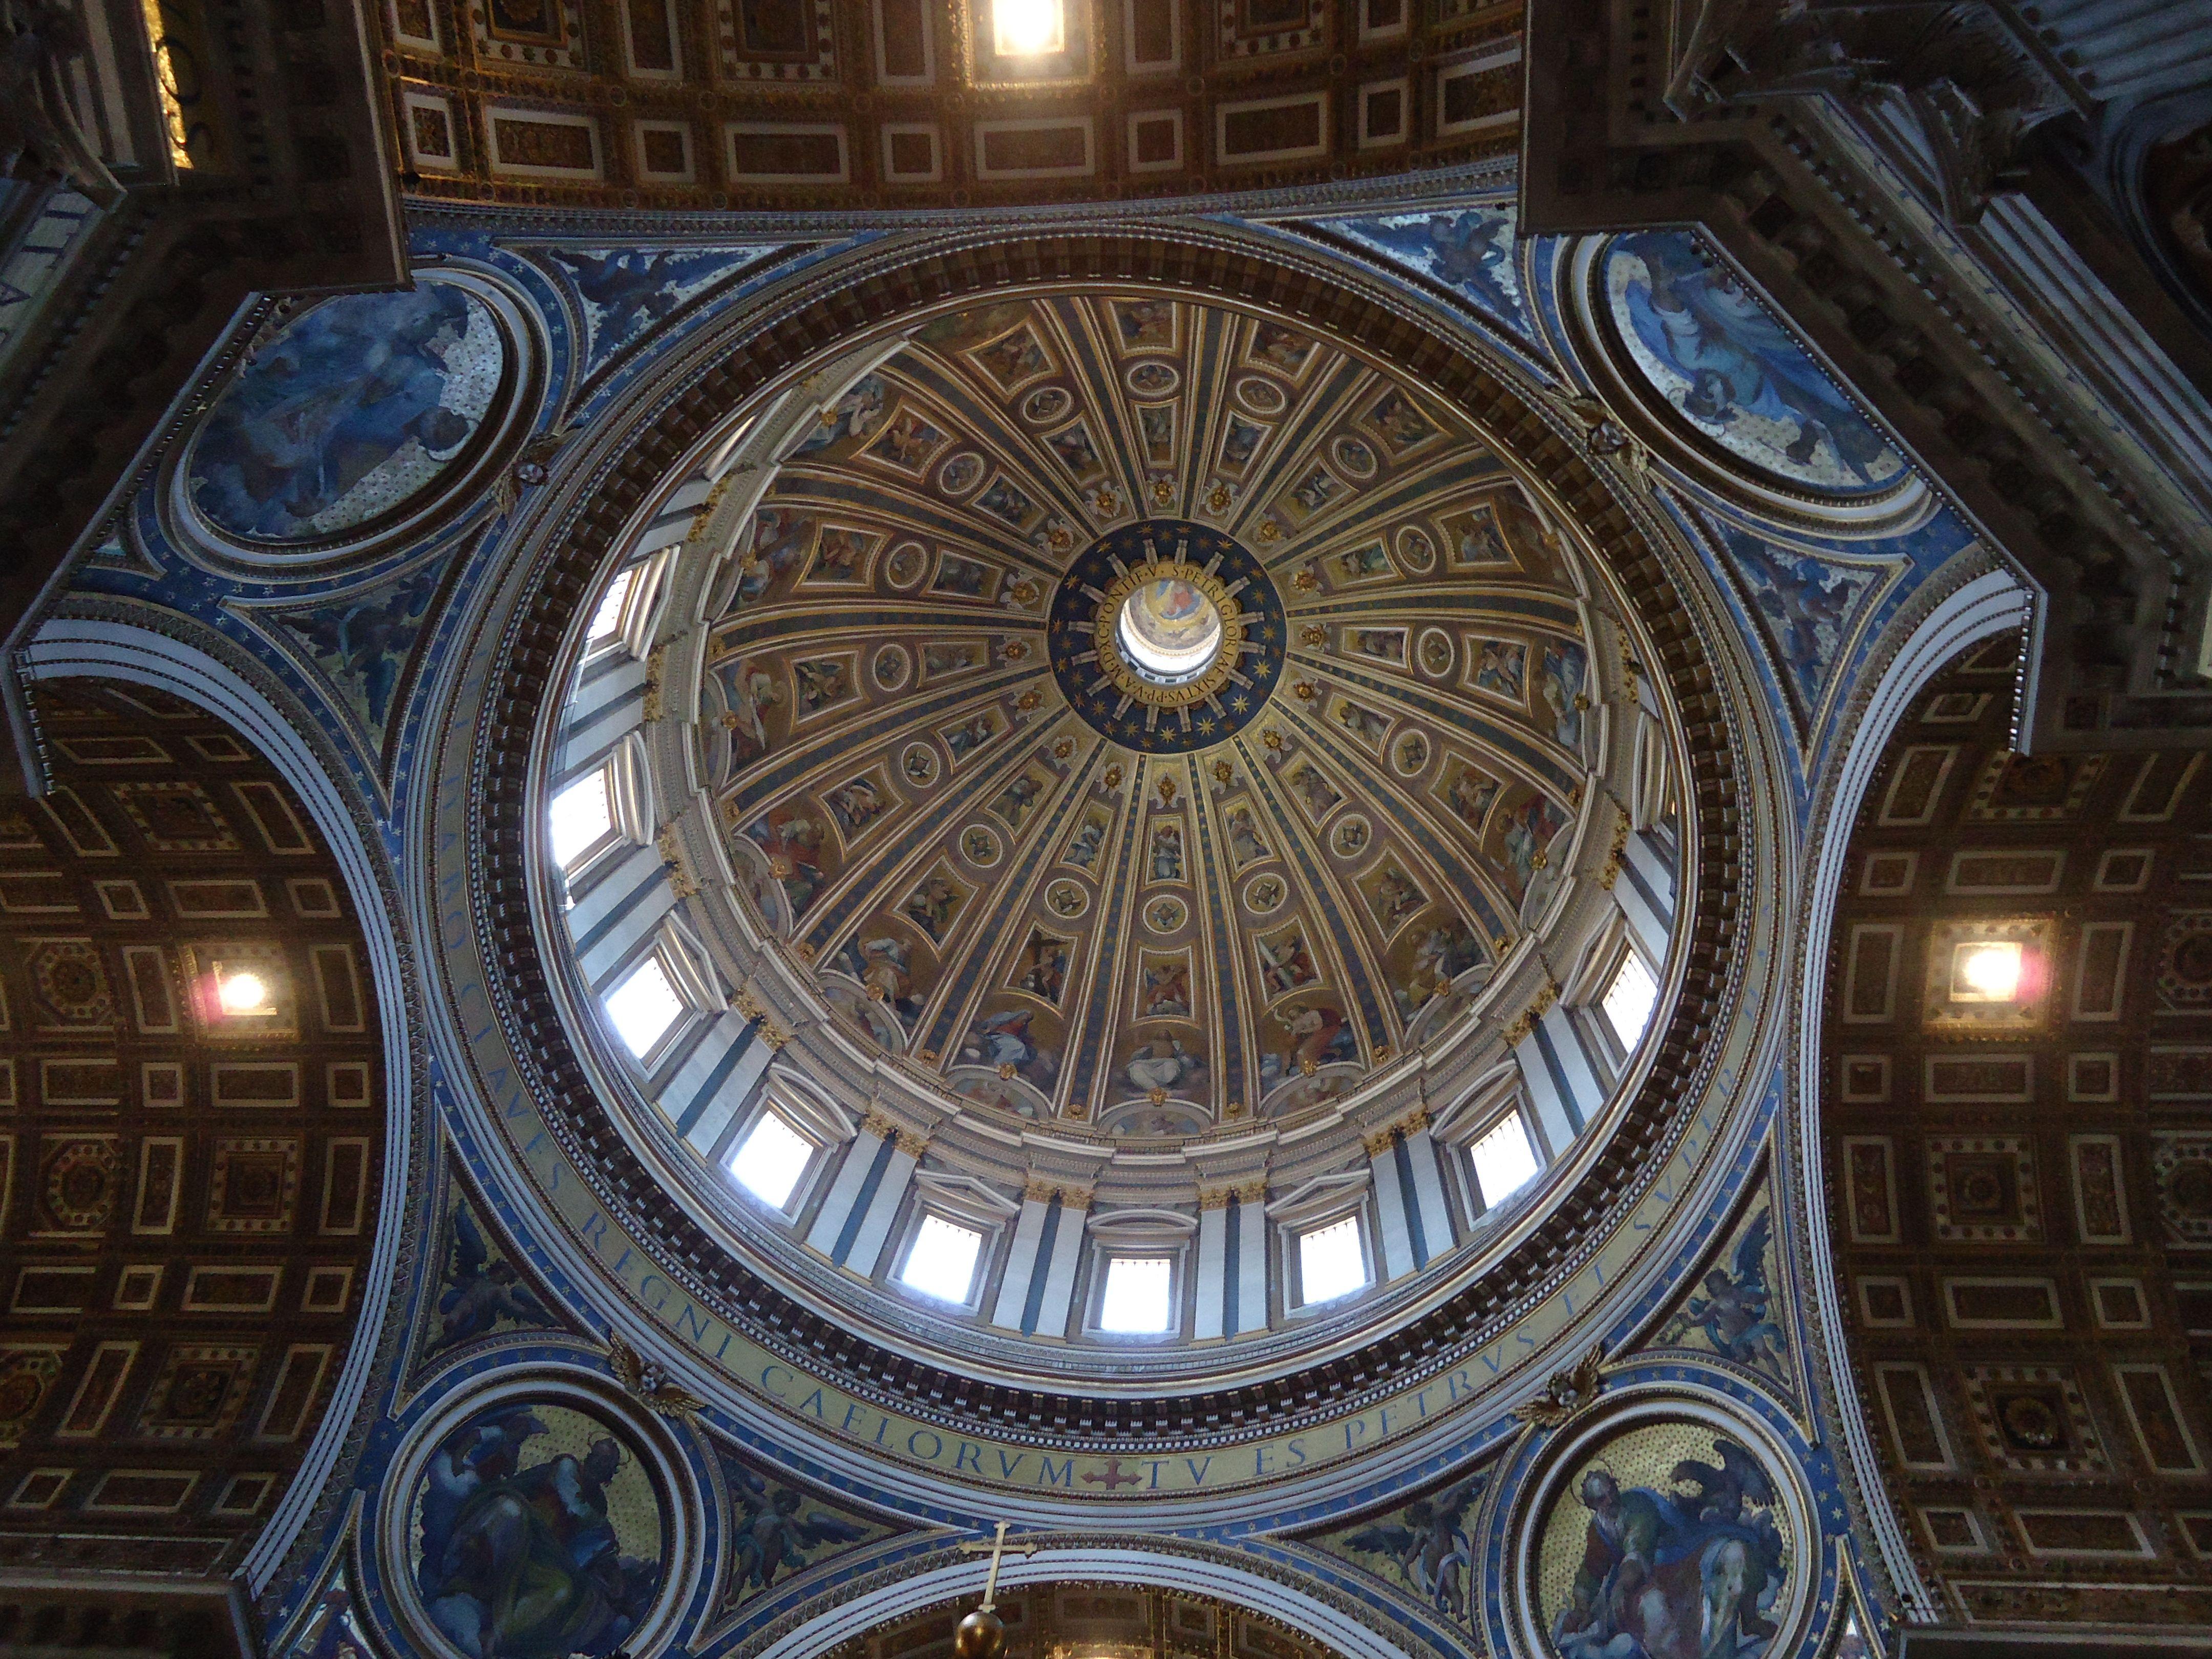 Grote koepel Michelangelo in de Sint-Pietersbasiliek - Vaticaan - Rome